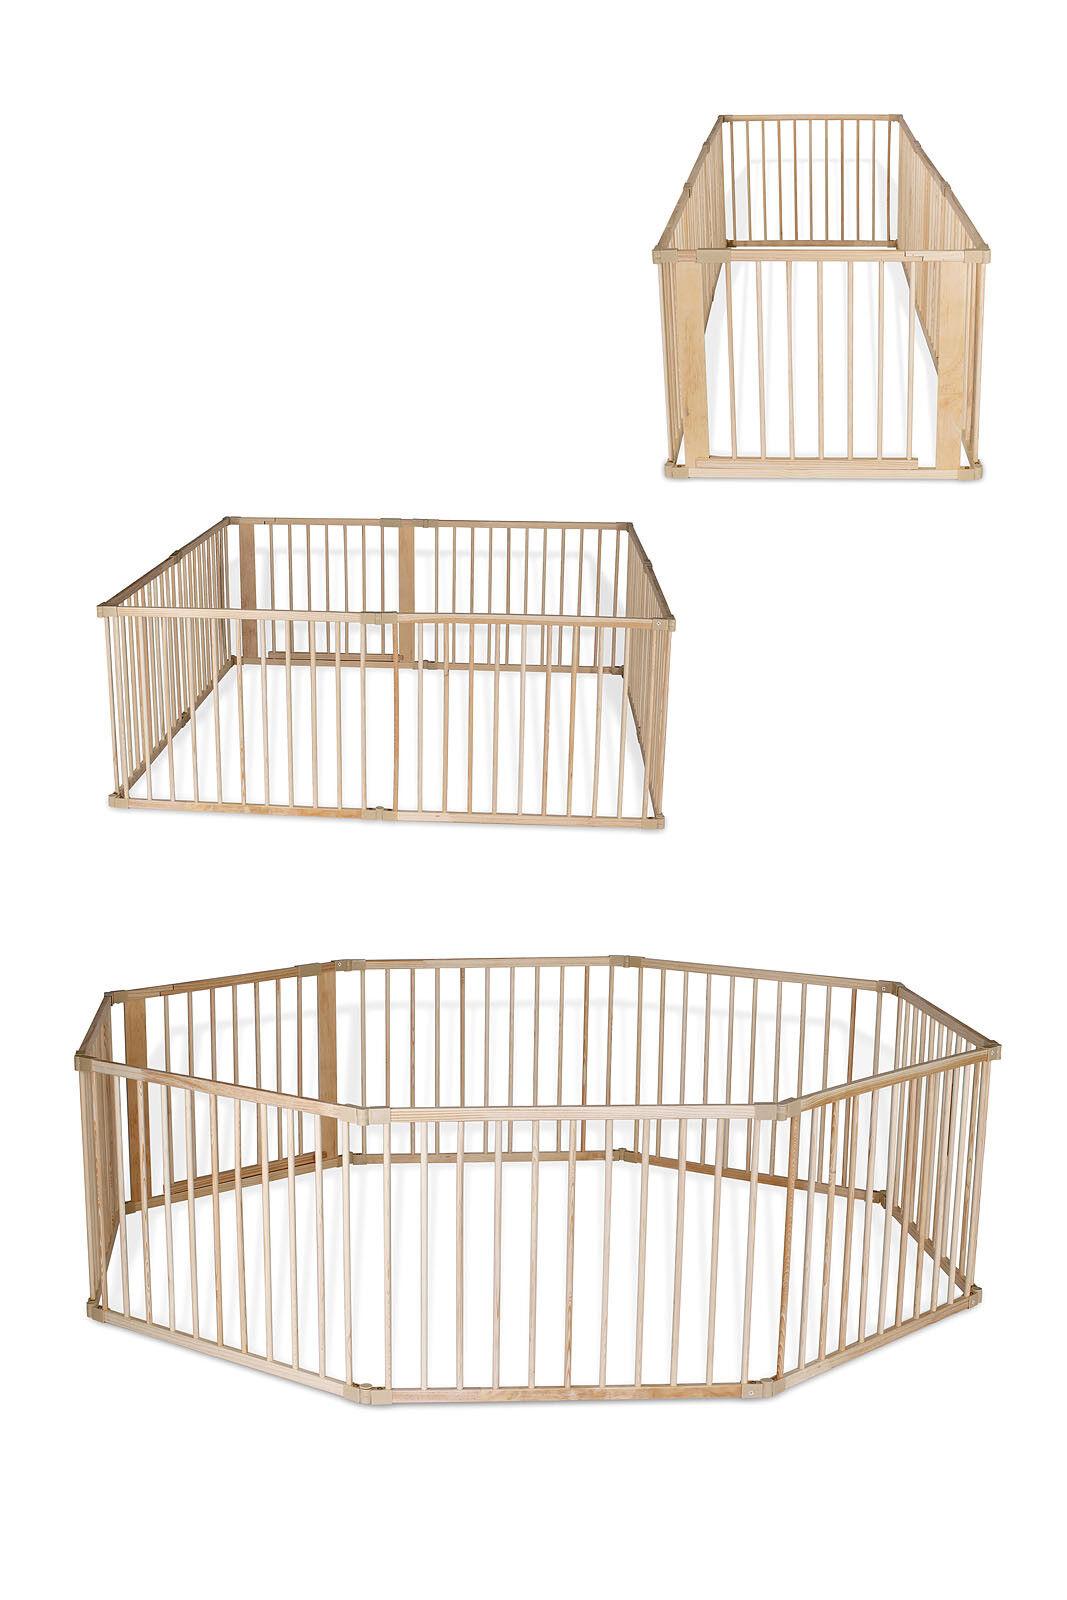 dibea, Laufstall (Holz), Baby Laufgitter H 68 cm, 3 Varianten mit Tür